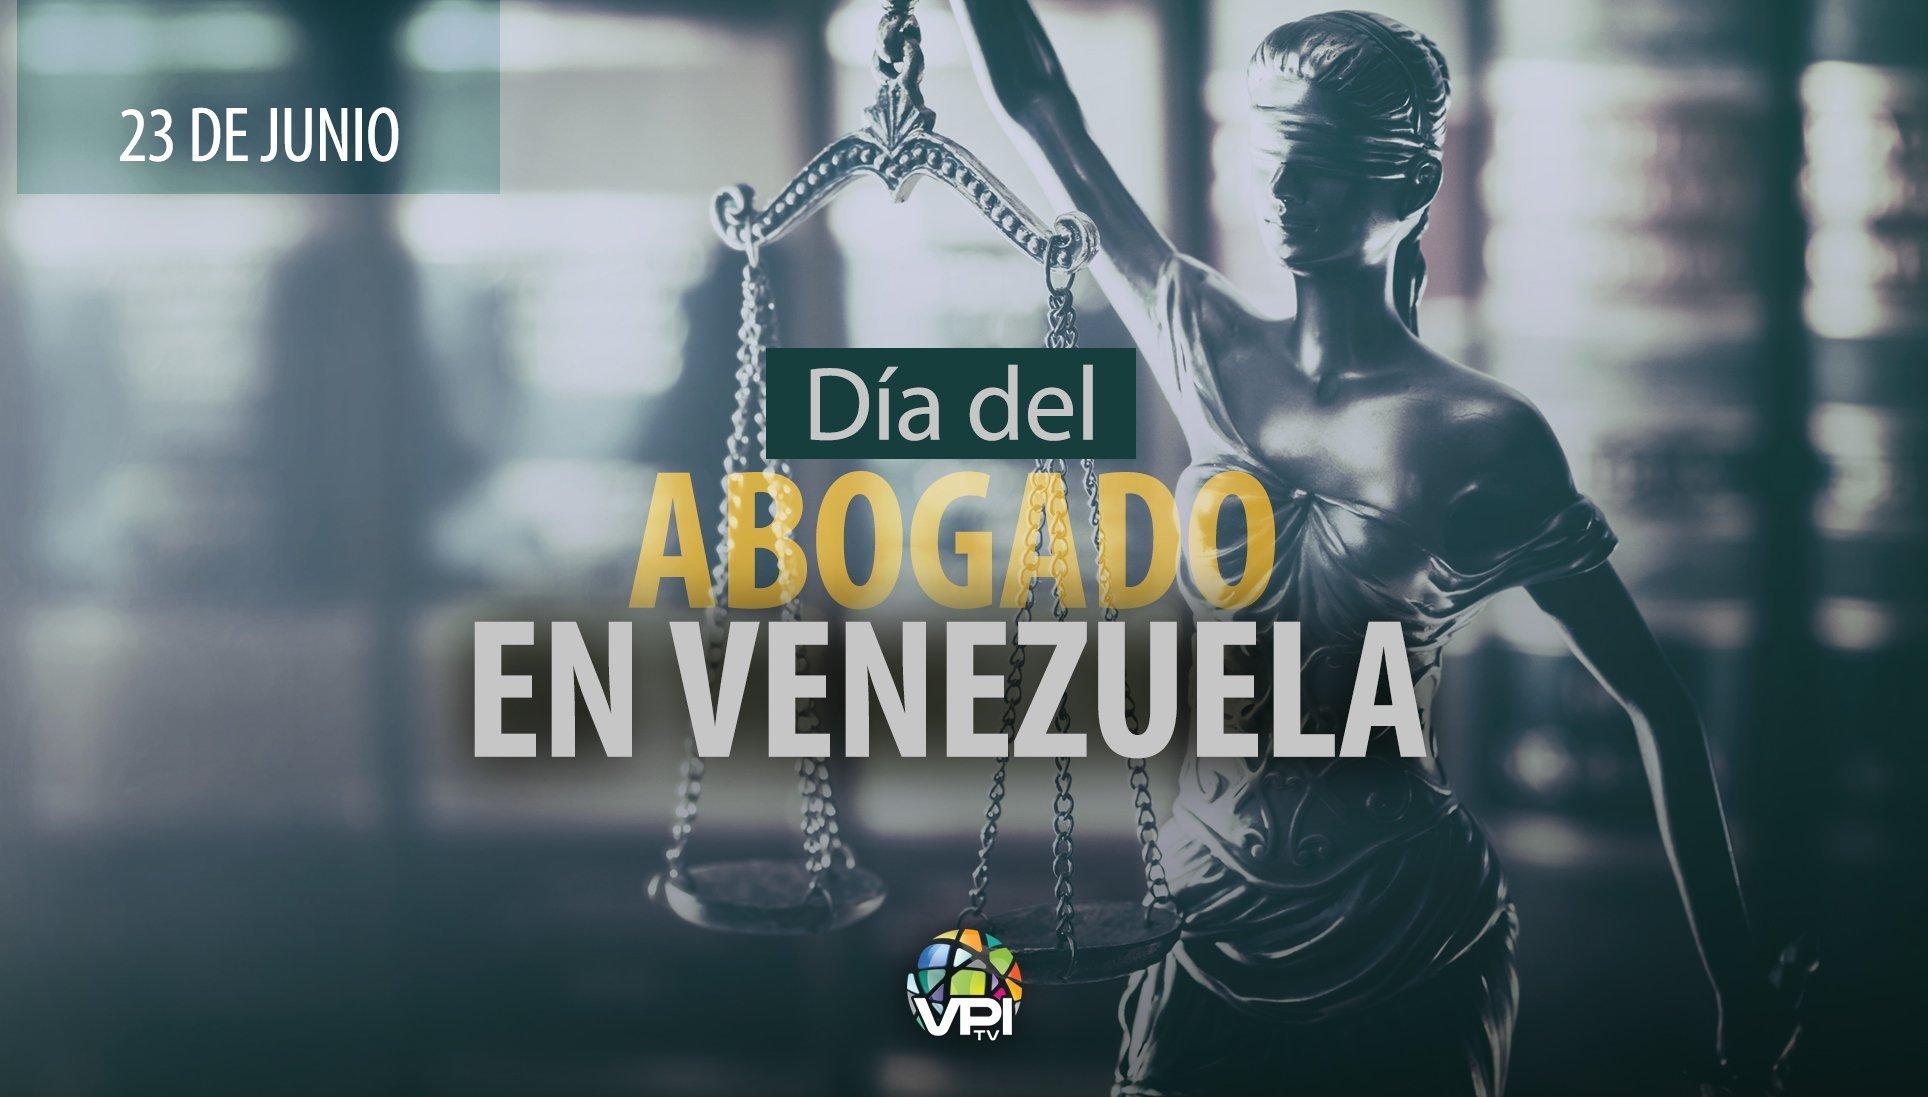 Día del Abogado en Venezuela